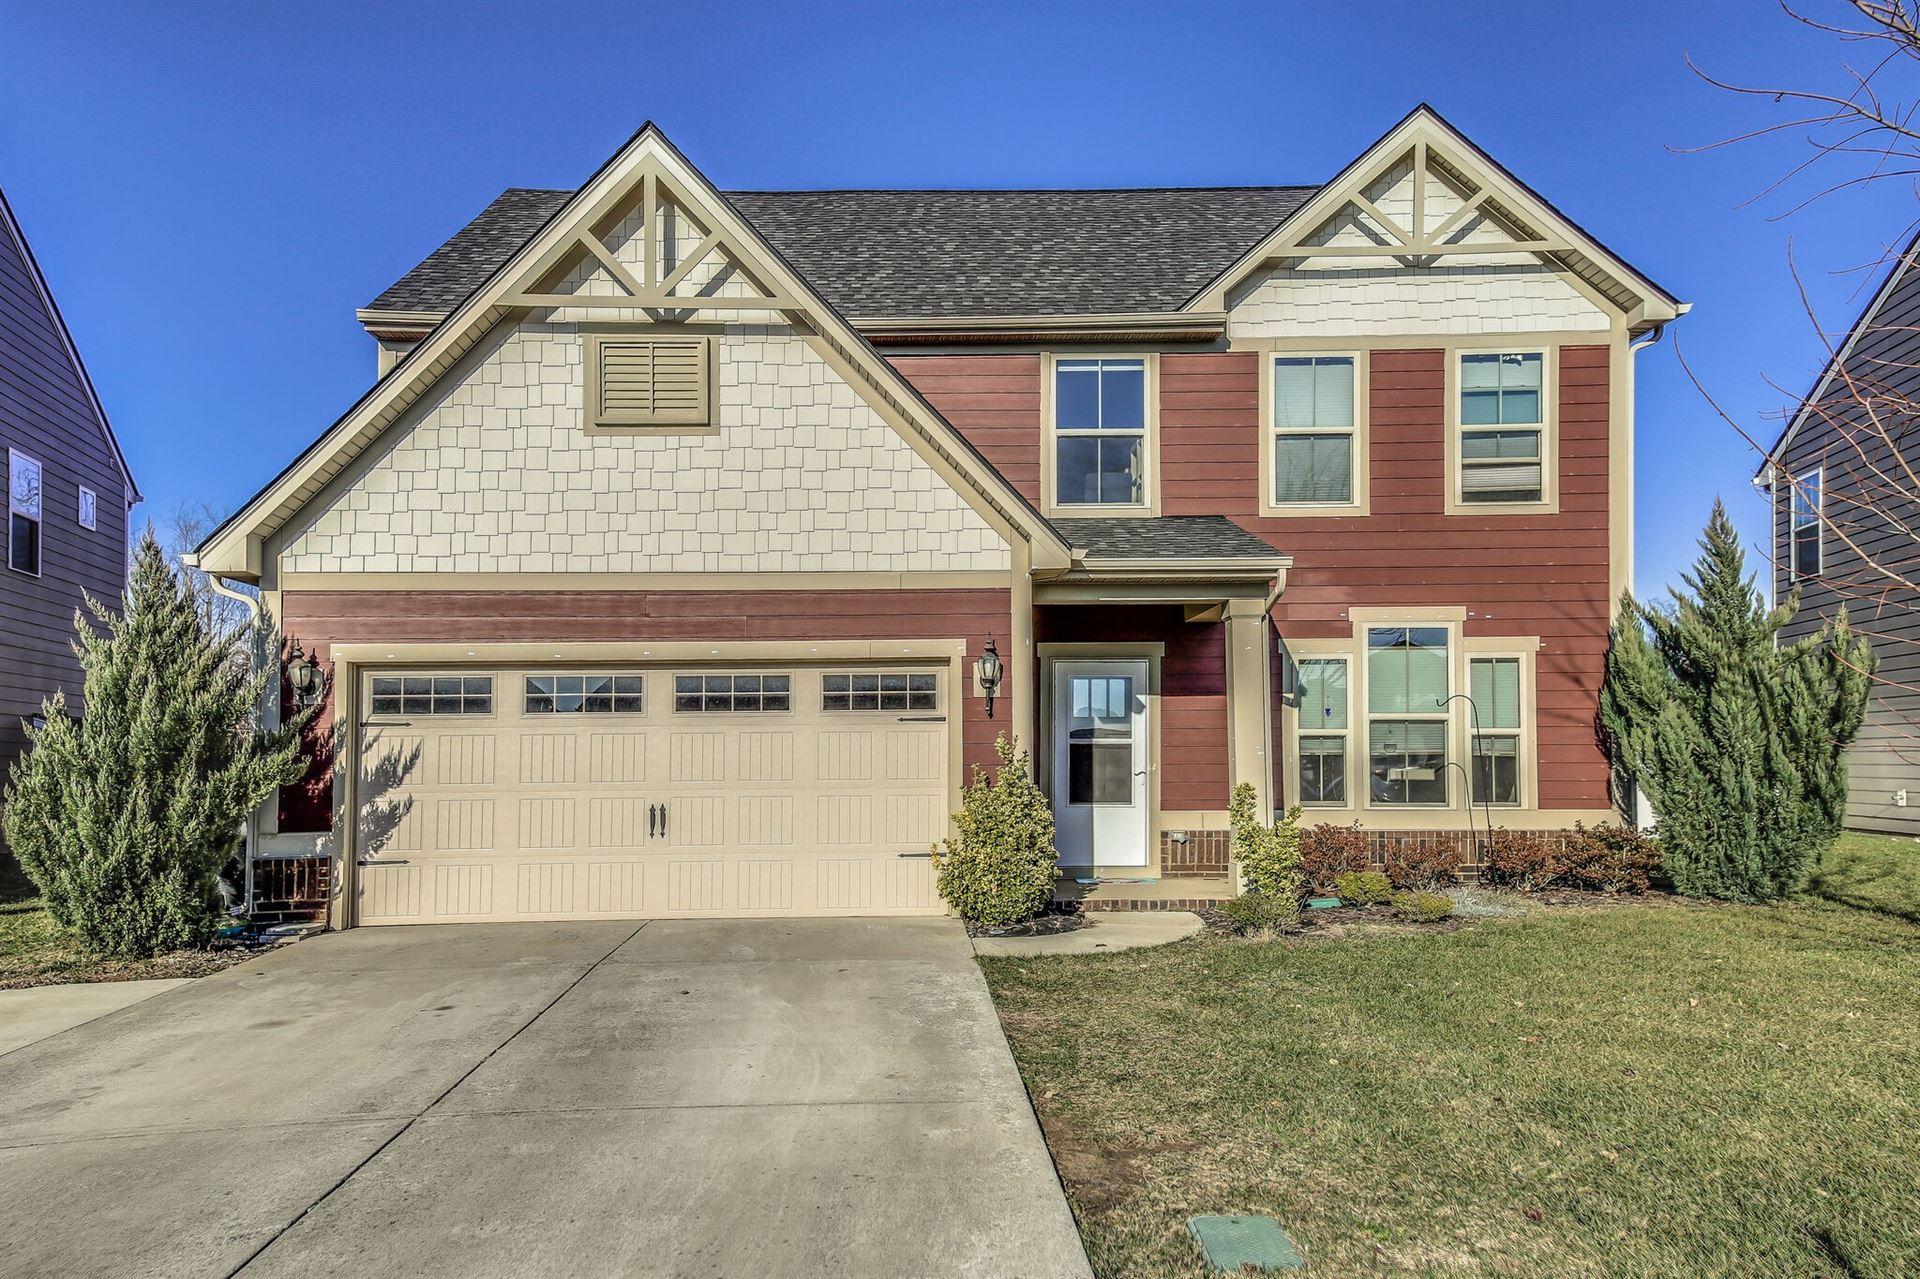 Photo of 2912 Goose Creek Ln, Murfreesboro, TN 37128 (MLS # 2244072)